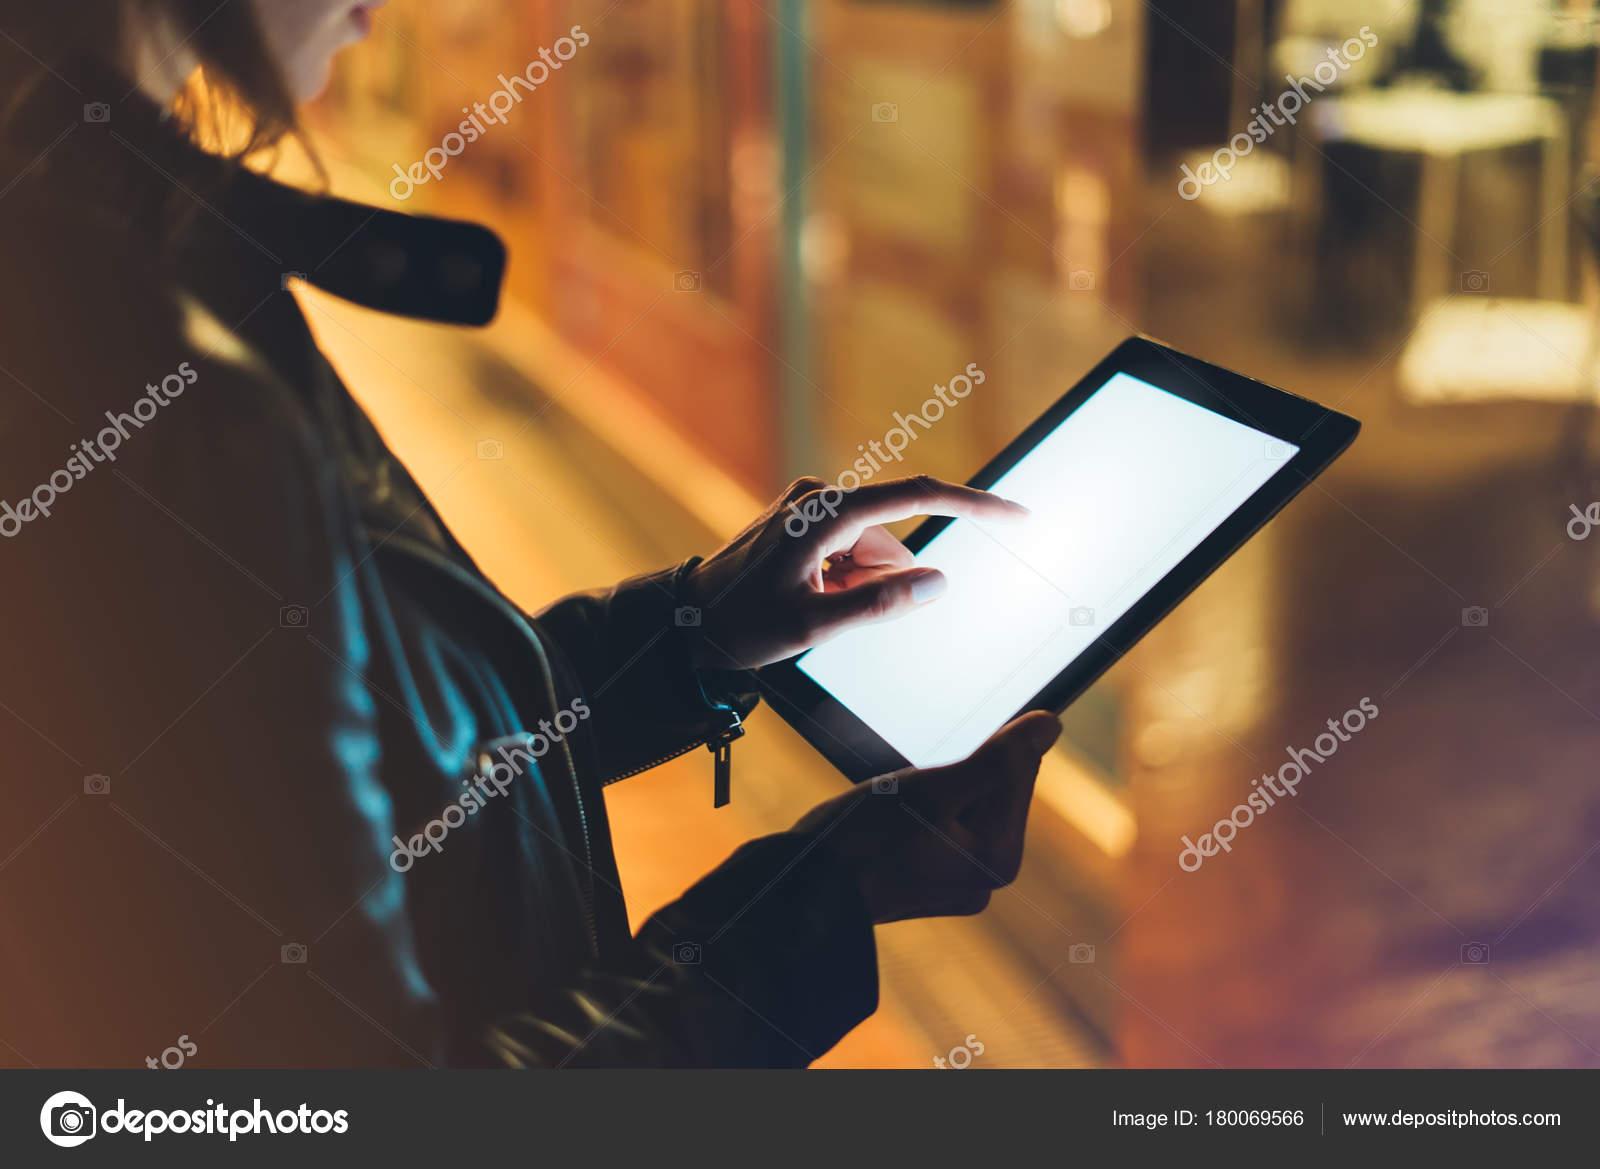 Madchen Handchenhalten Handen Auf Leere Putzbild Tablet Auf